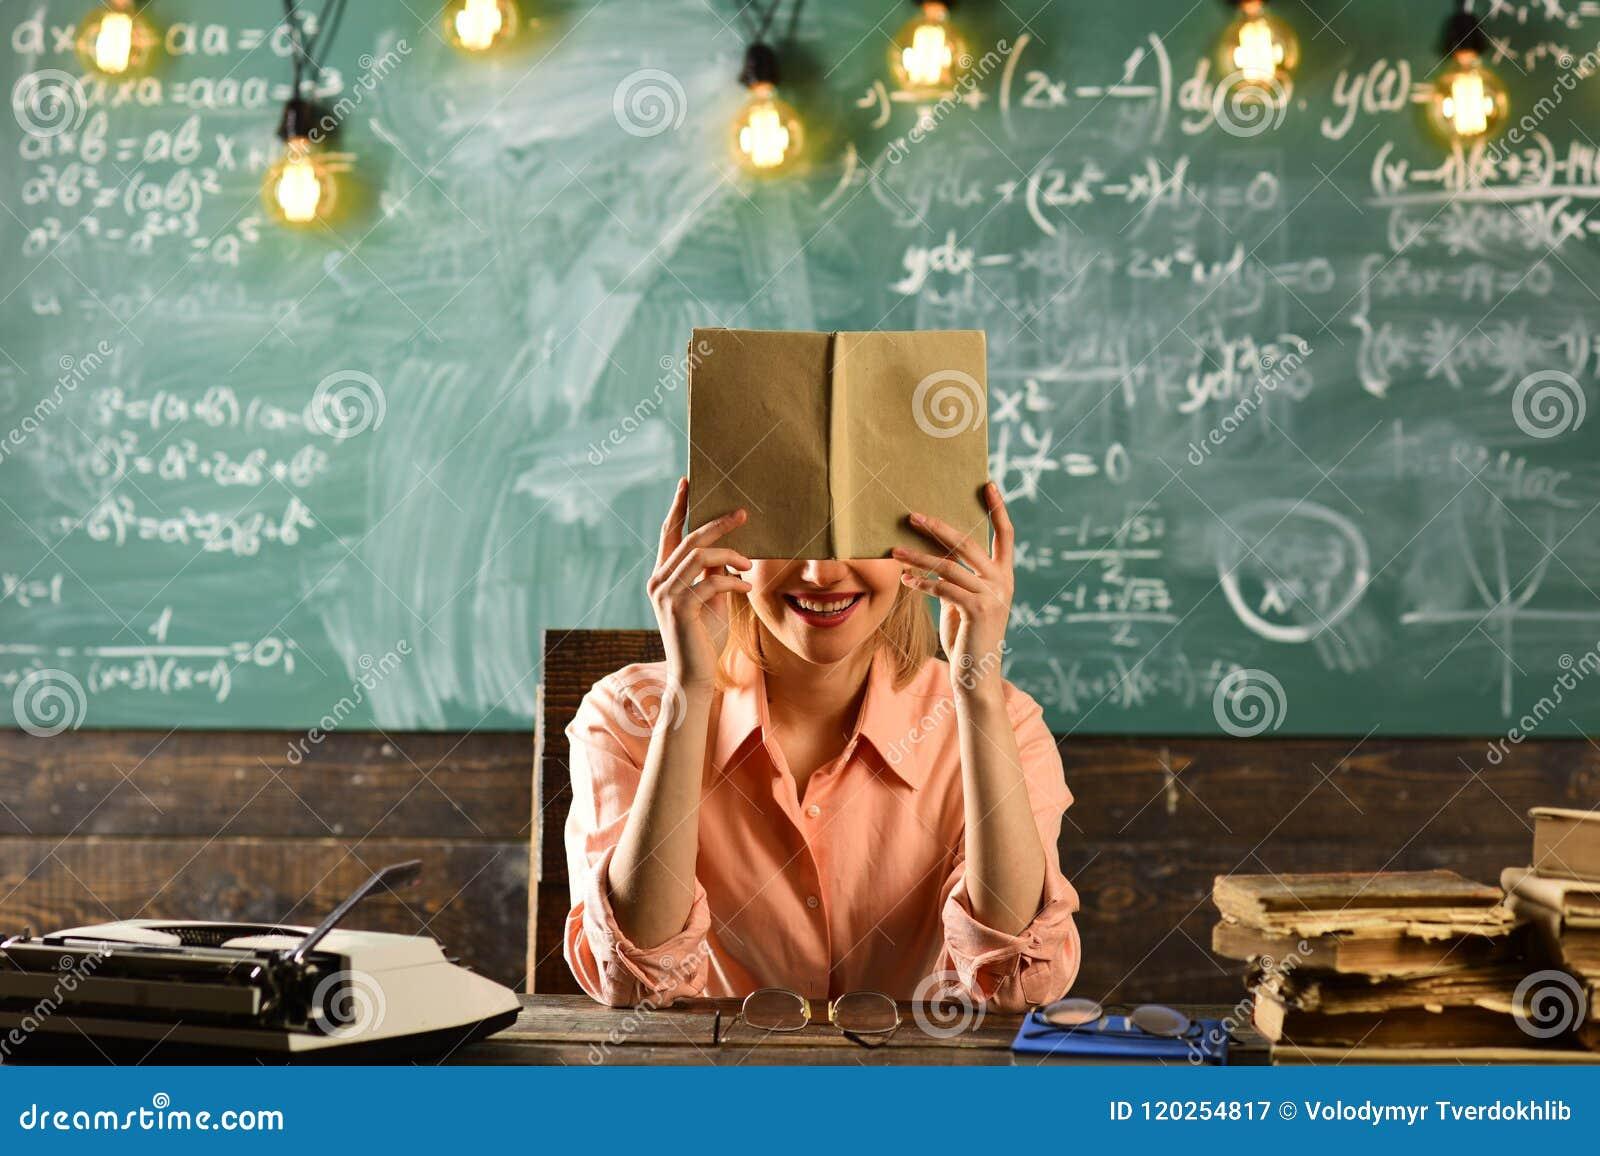 Lära för engelskt språk med ordlistaboken engelsk kurs på skolan med kvinnan